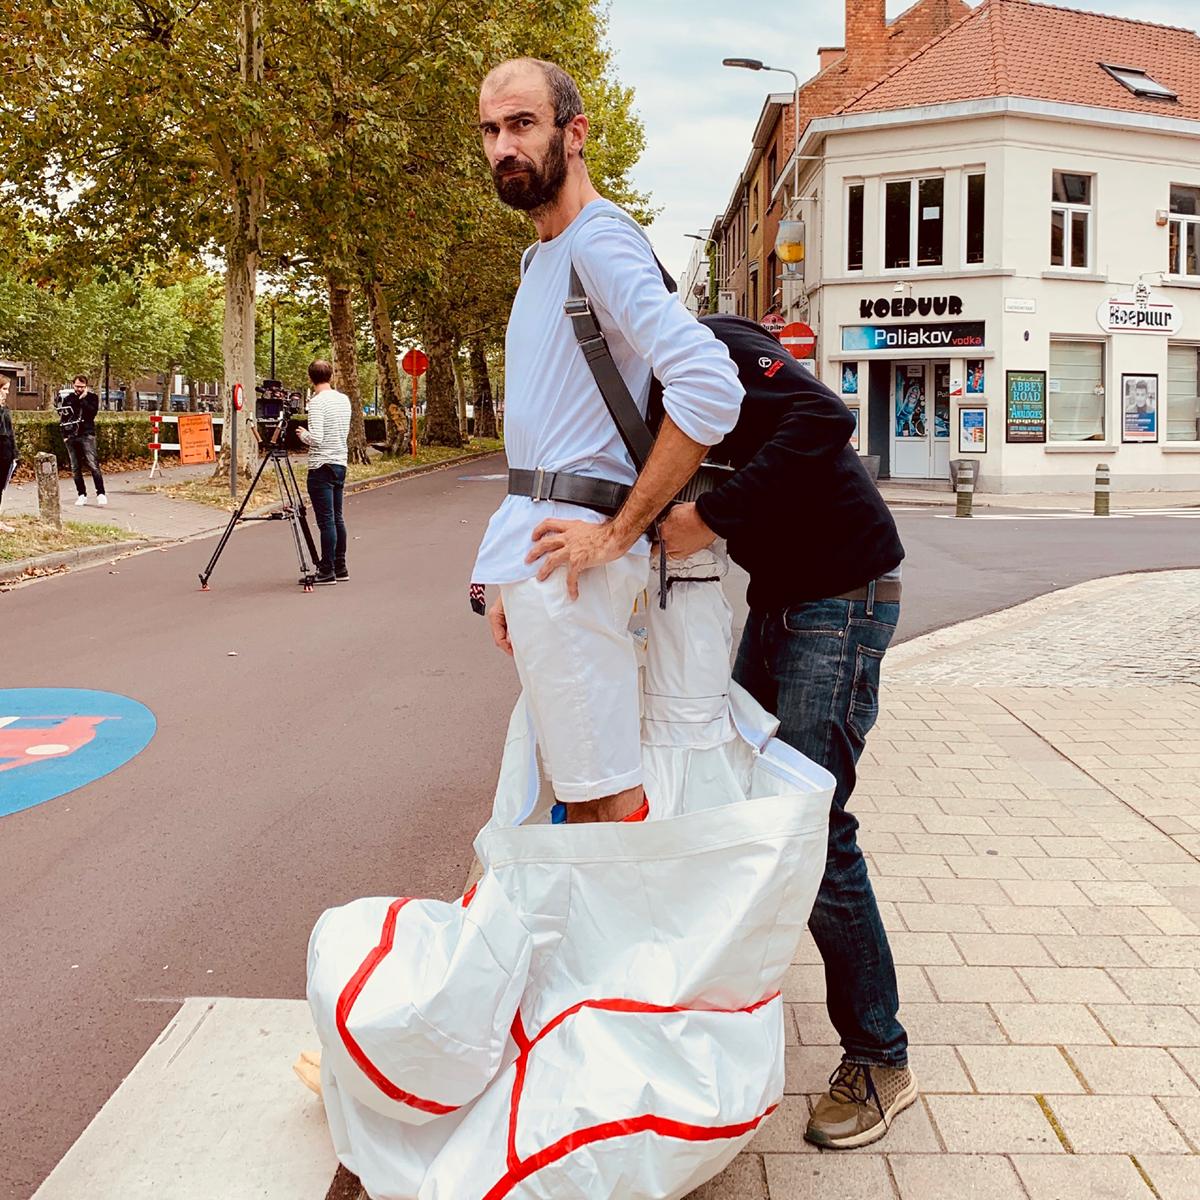 Acteur Bart Dhondt als mascotte (duimman) voor de hoffelijkheidscampagne voor studenten in Gent